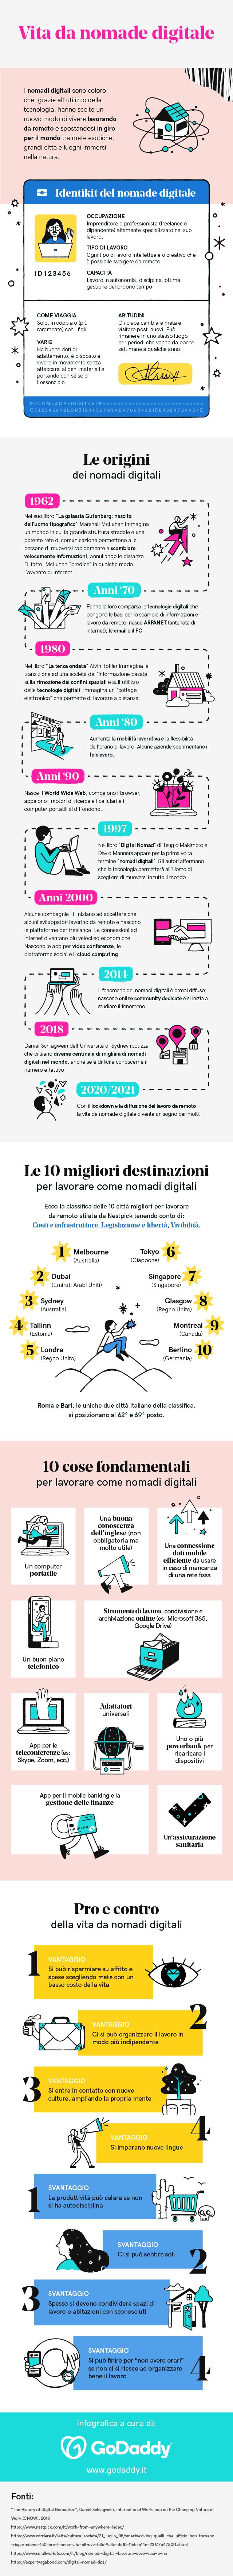 Nomadi digitali: infografica